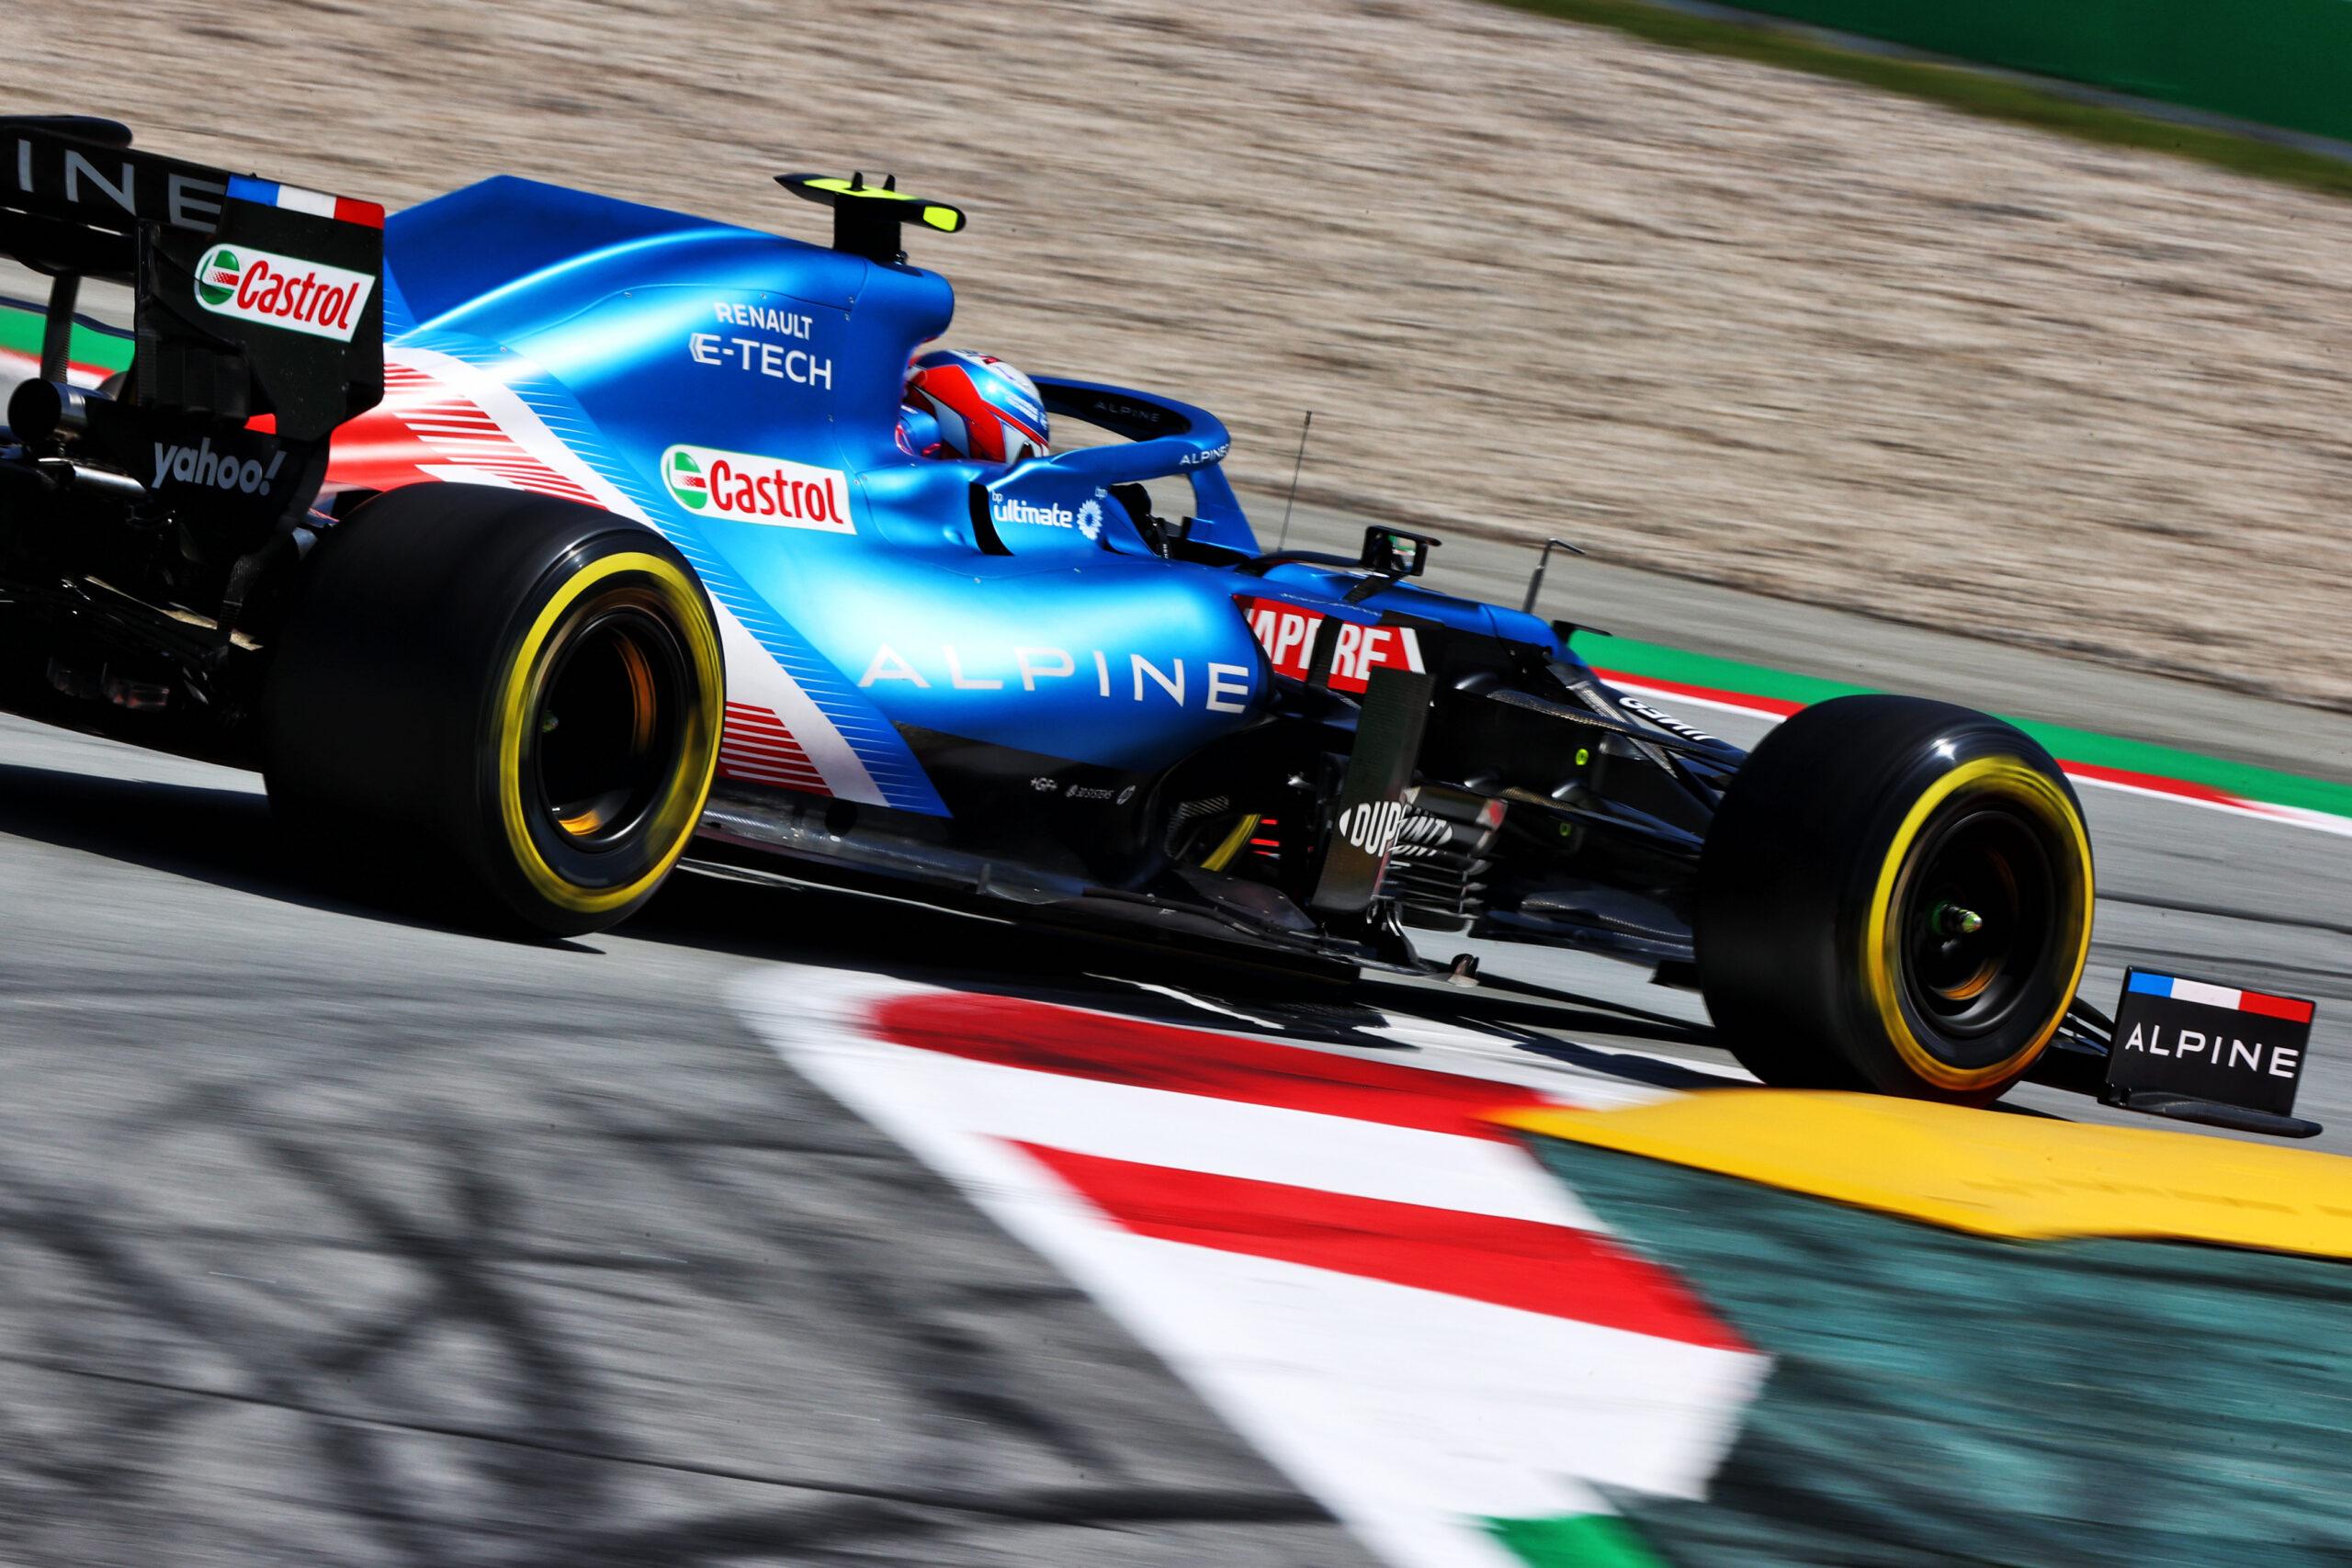 F1 - Alpine F1 a limité la casse ce dimanche au Grand Prix d'Espagne